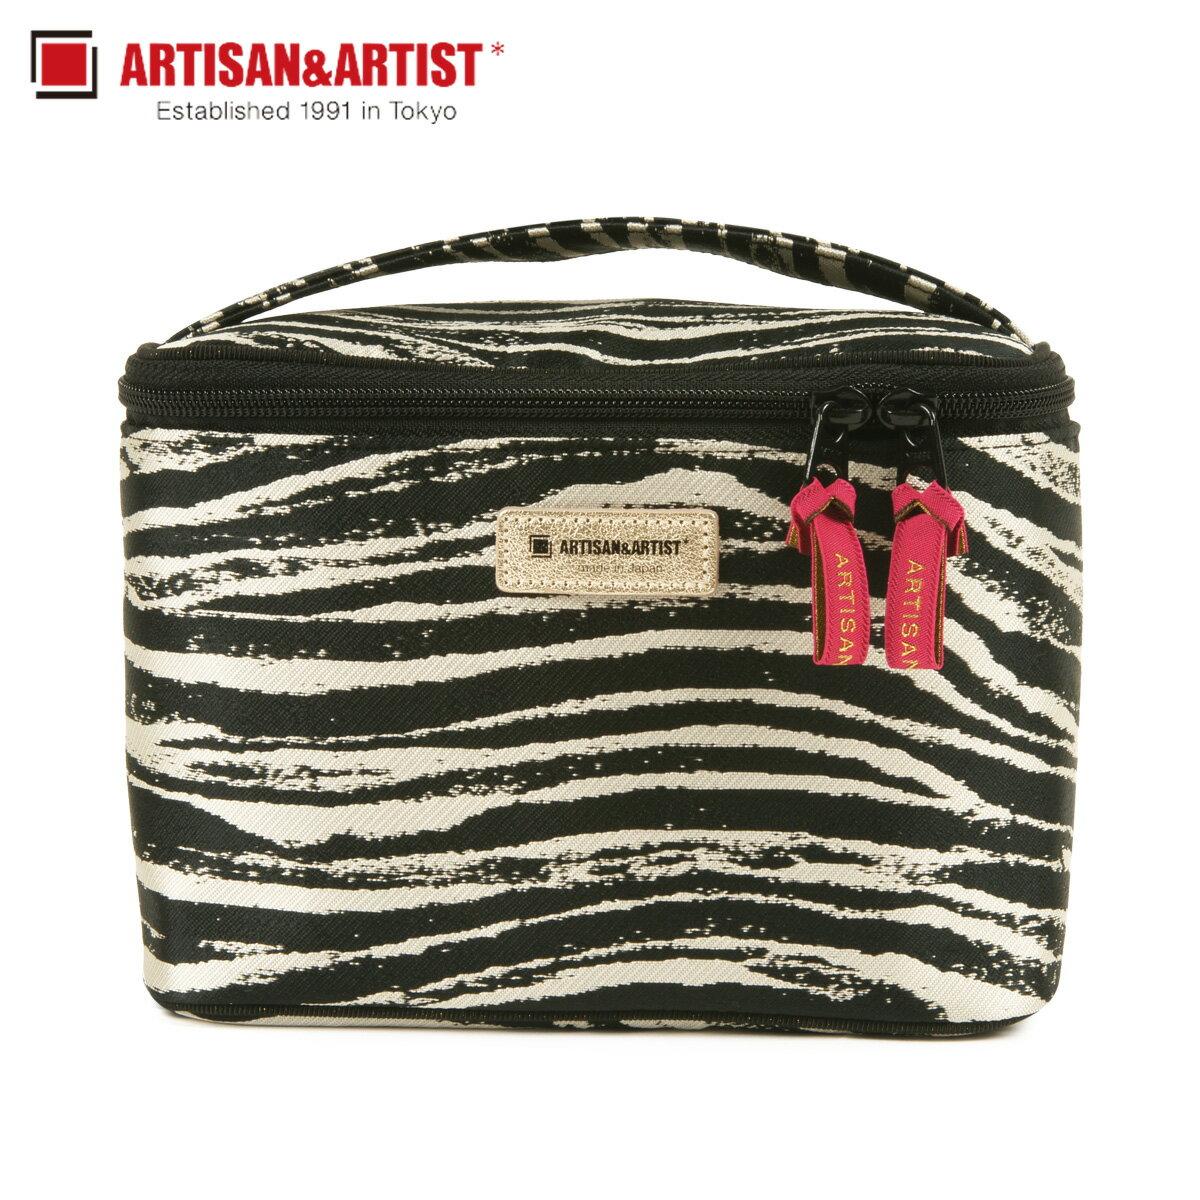 レディースバッグ, 化粧ポーチ  ARTISANARTIST ZEBRA CHIC 9WP-ZB913